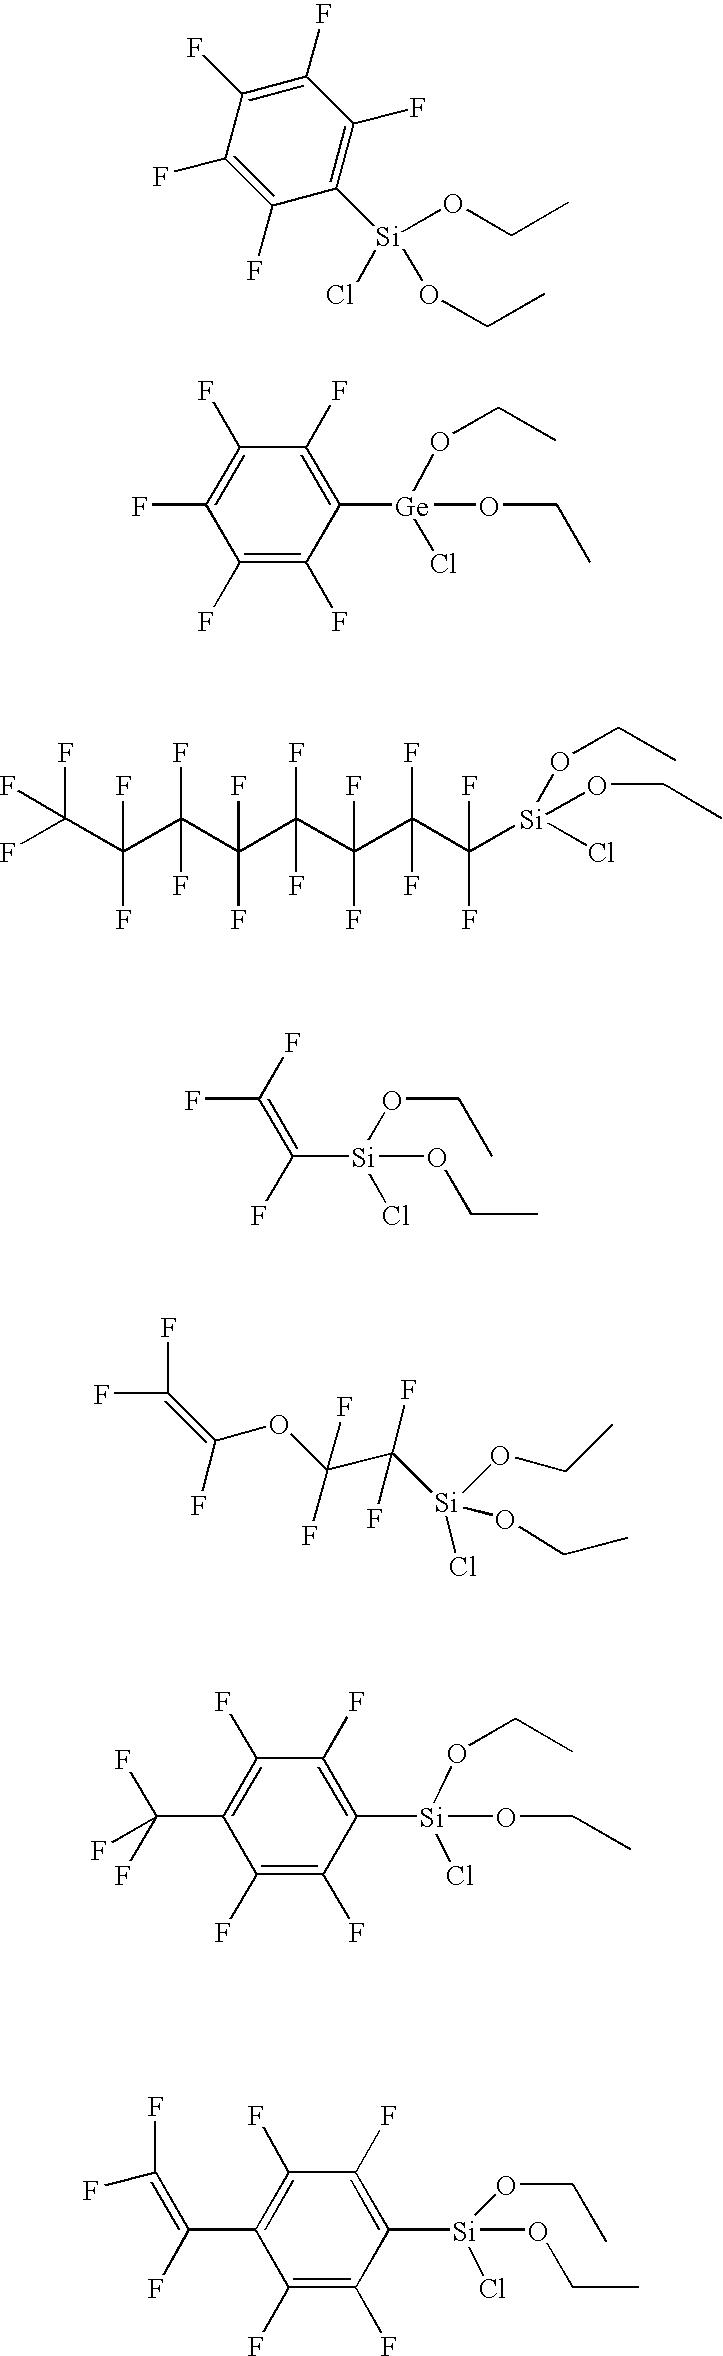 Figure US20030231851A1-20031218-C00003